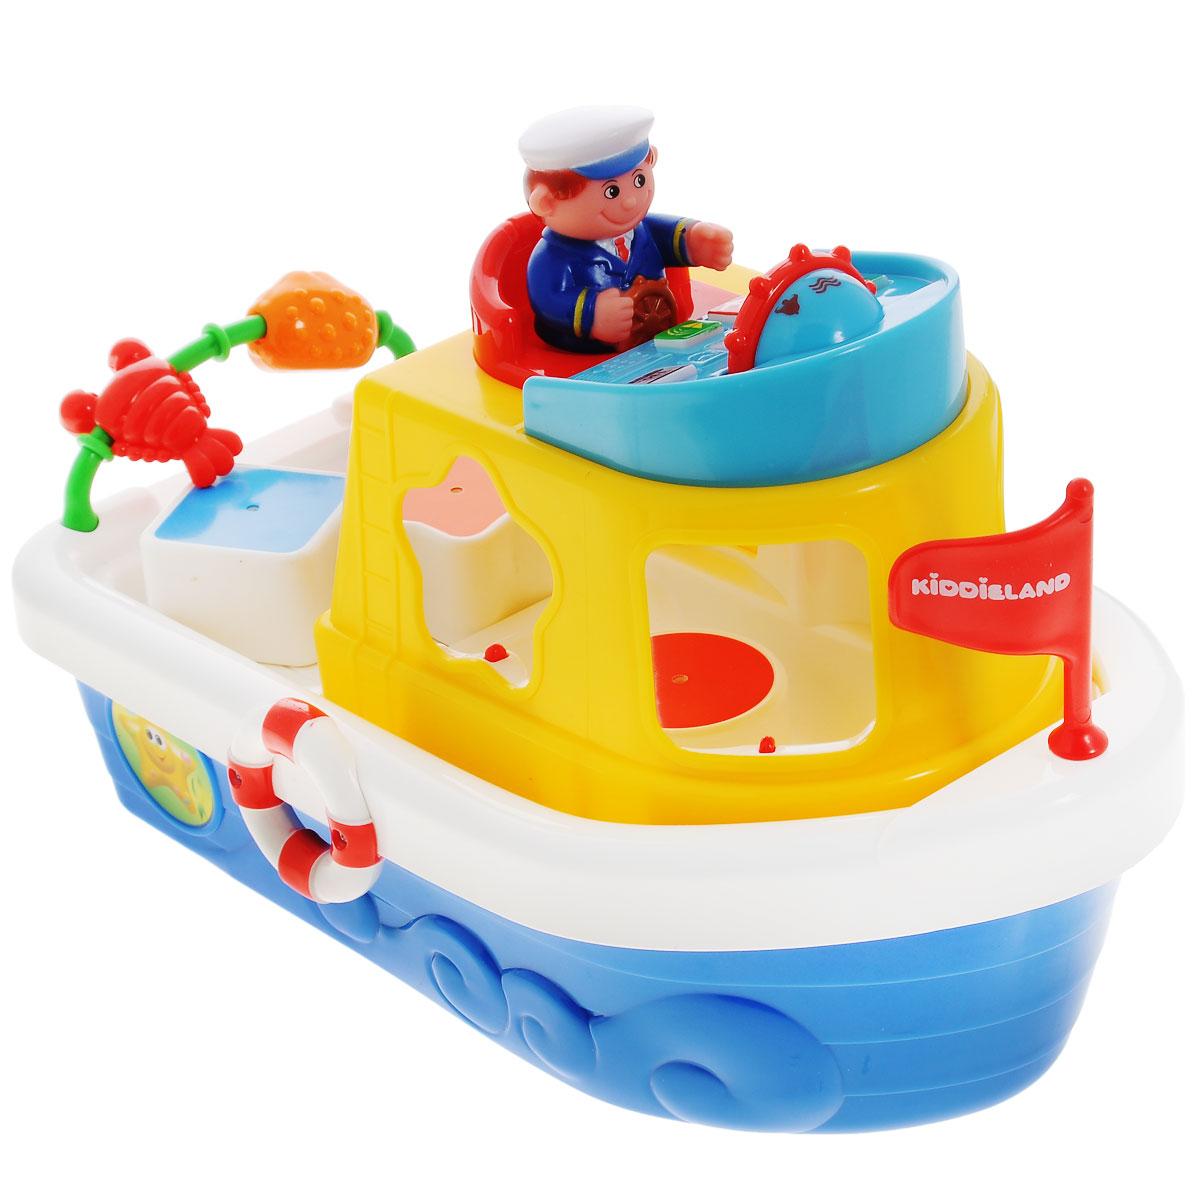 Kiddieland Развивающая игрушка Мой первый корабль-сортер игрушка электронная развивающая мой первый ноутбук